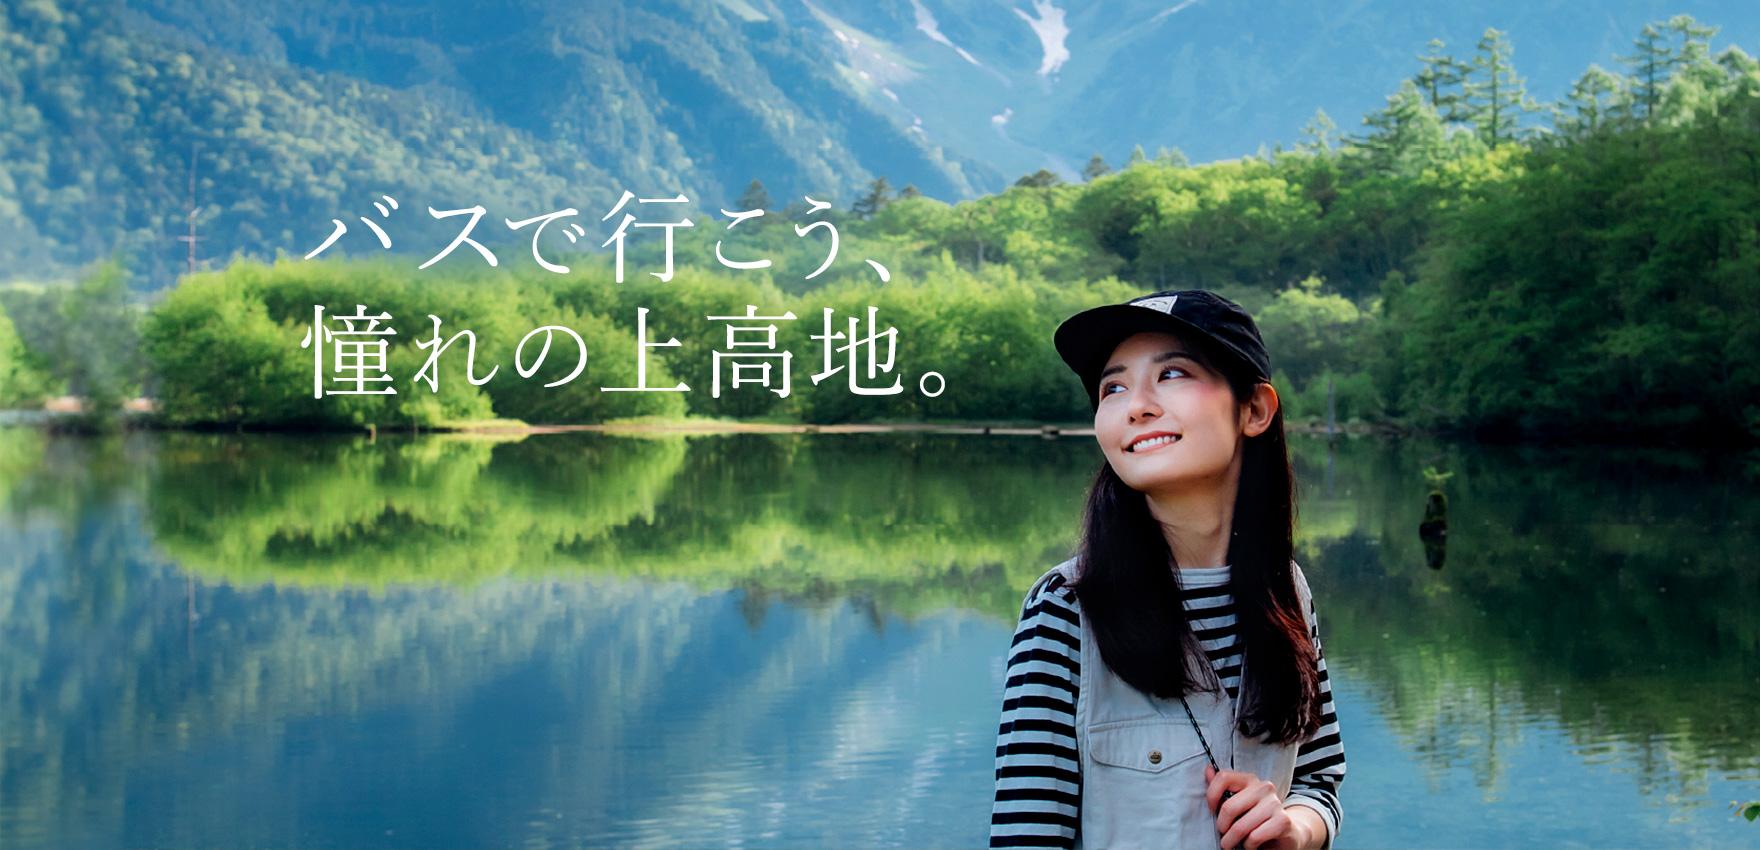 新宿~上高地線と大阪・京都~上高地線、7月22日運行再開、予約受付中!